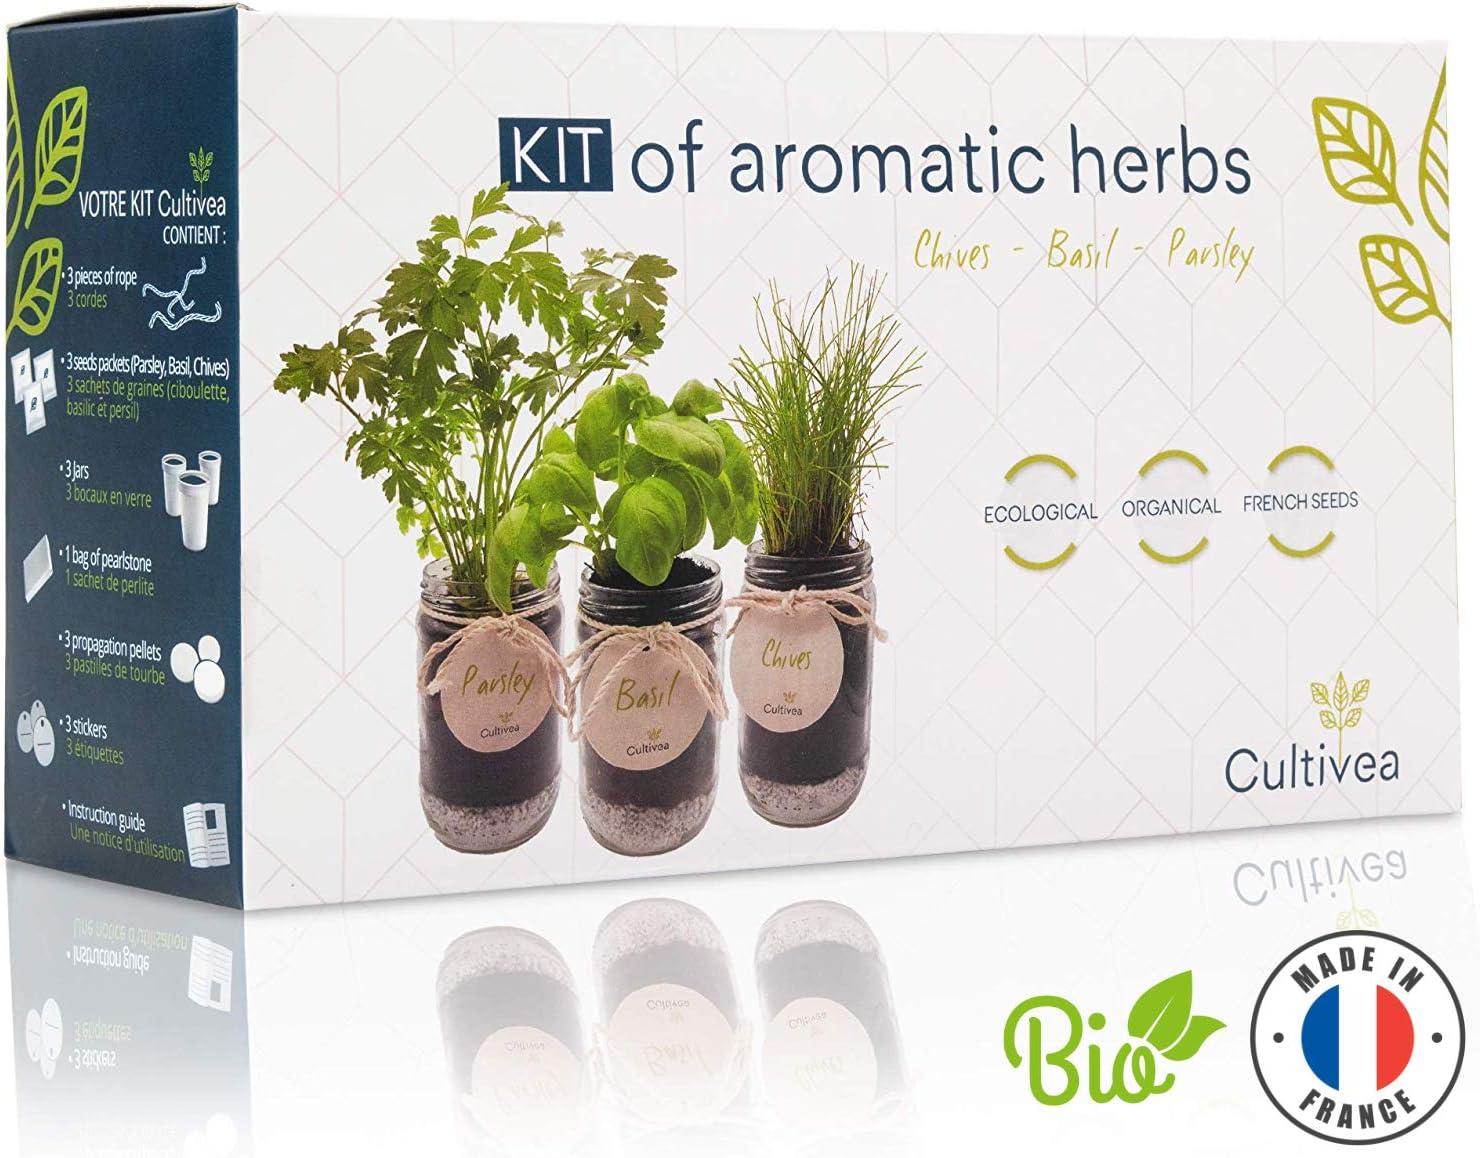 Cultivea Kit completo de hierbas - Cultive propias hierbas aromáticas - 100% ecológicas: semillas orgánicas, bio seeds - Decora tu hogar con un huerto urbano. (Cebollino, Albahaca, Perejil)